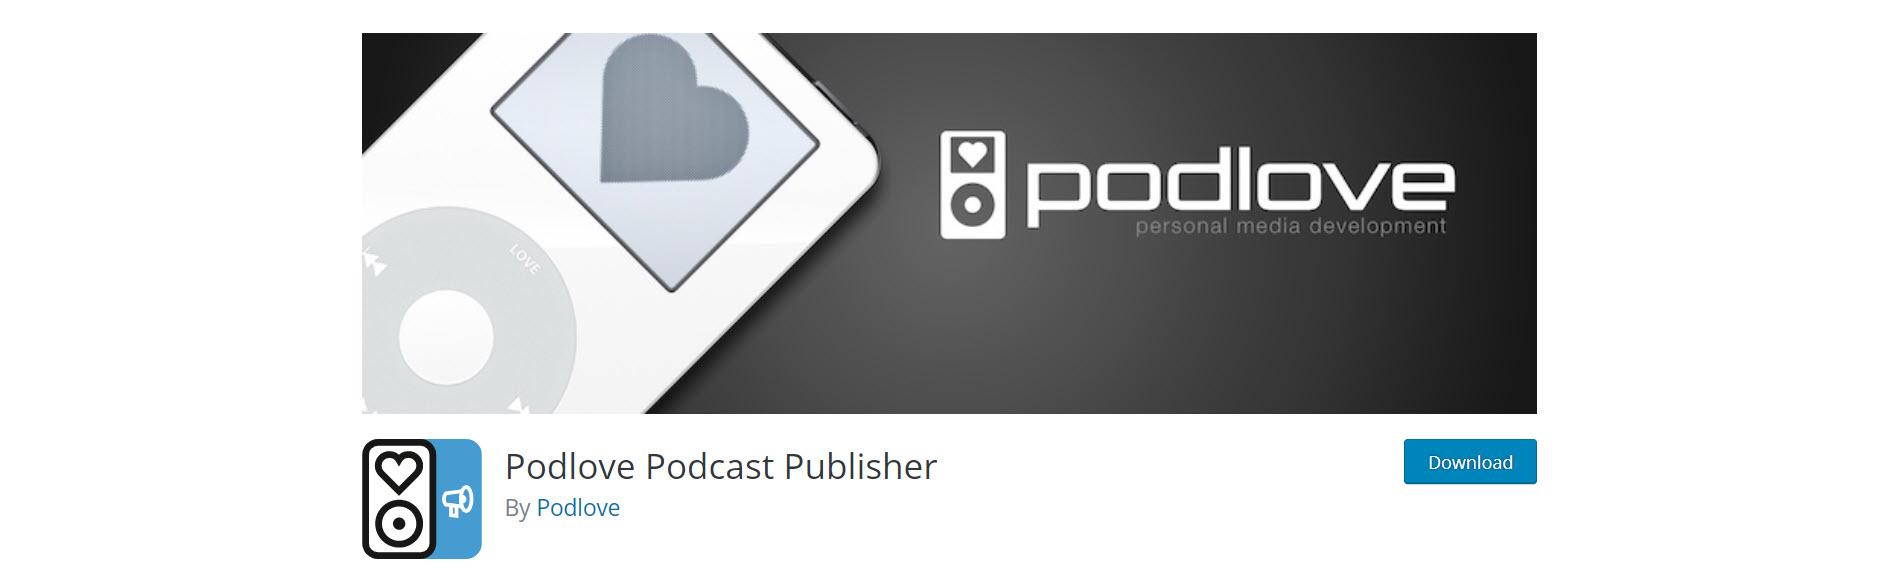 podlove - best wordpress podcast plugins